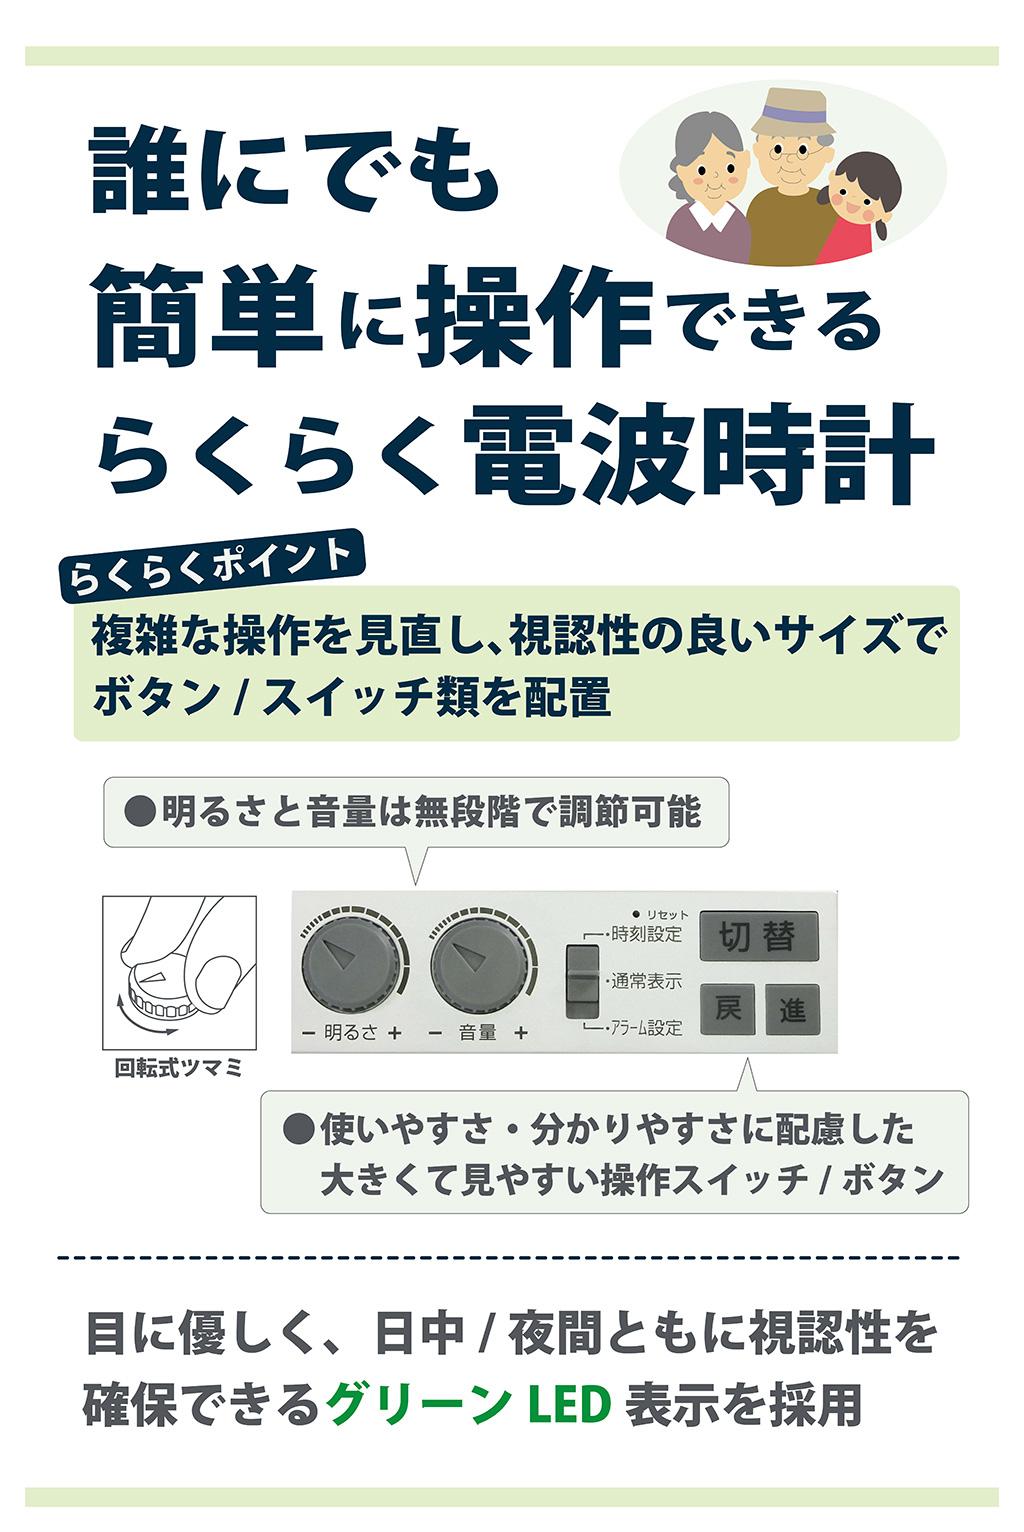 日経MJ」に弊社商品が紹介されました!